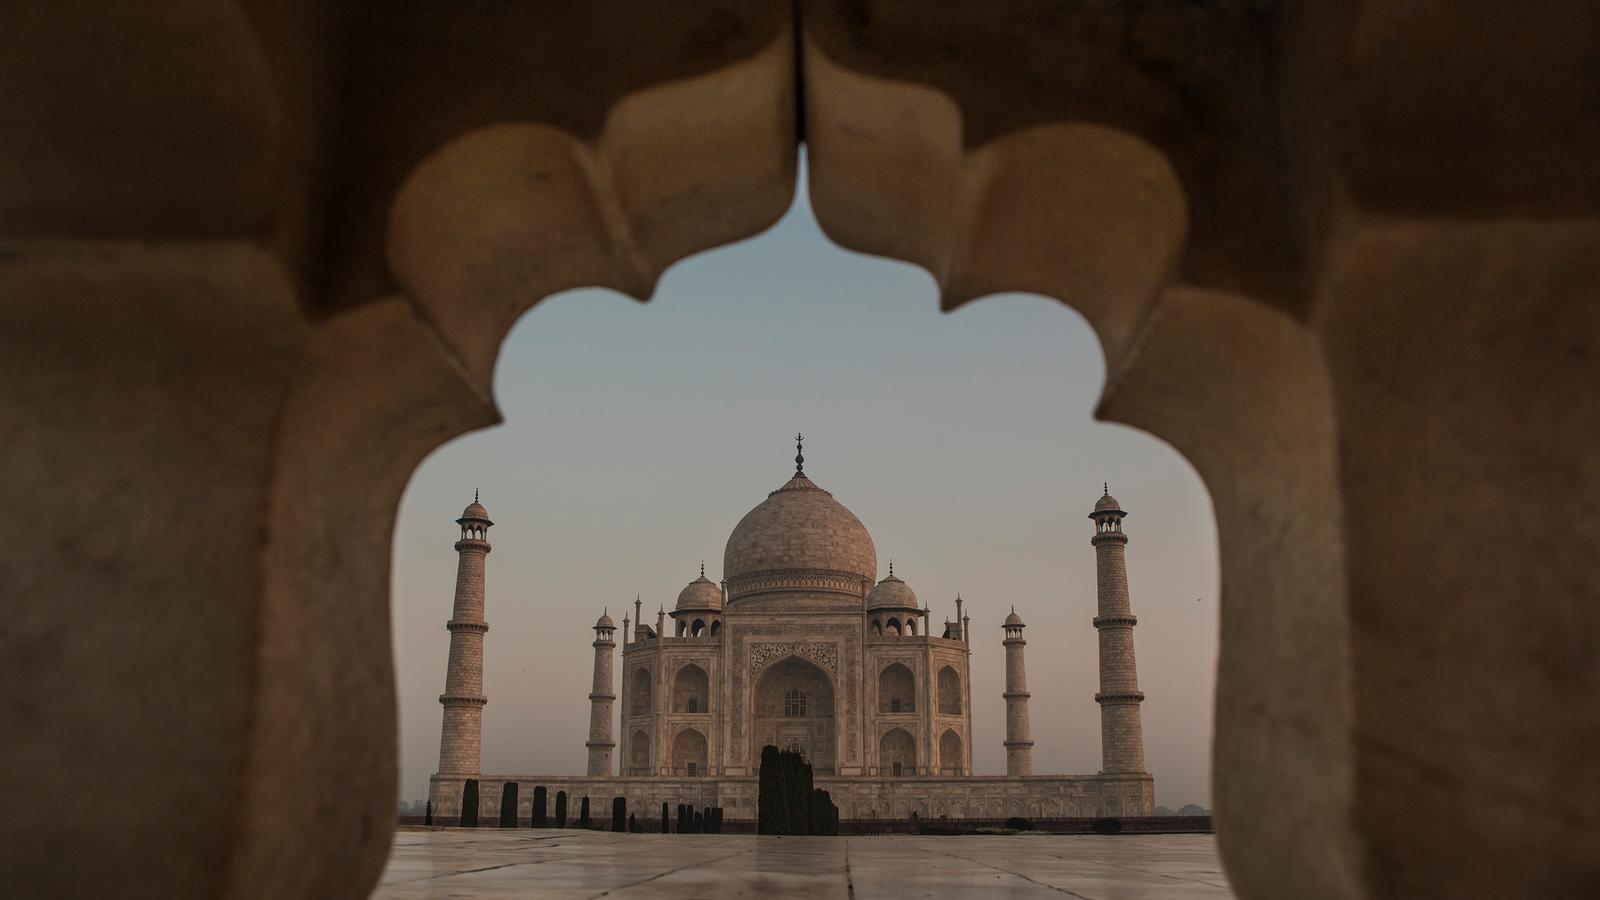 Explore India & Nepal in India, Asia - G Adventures